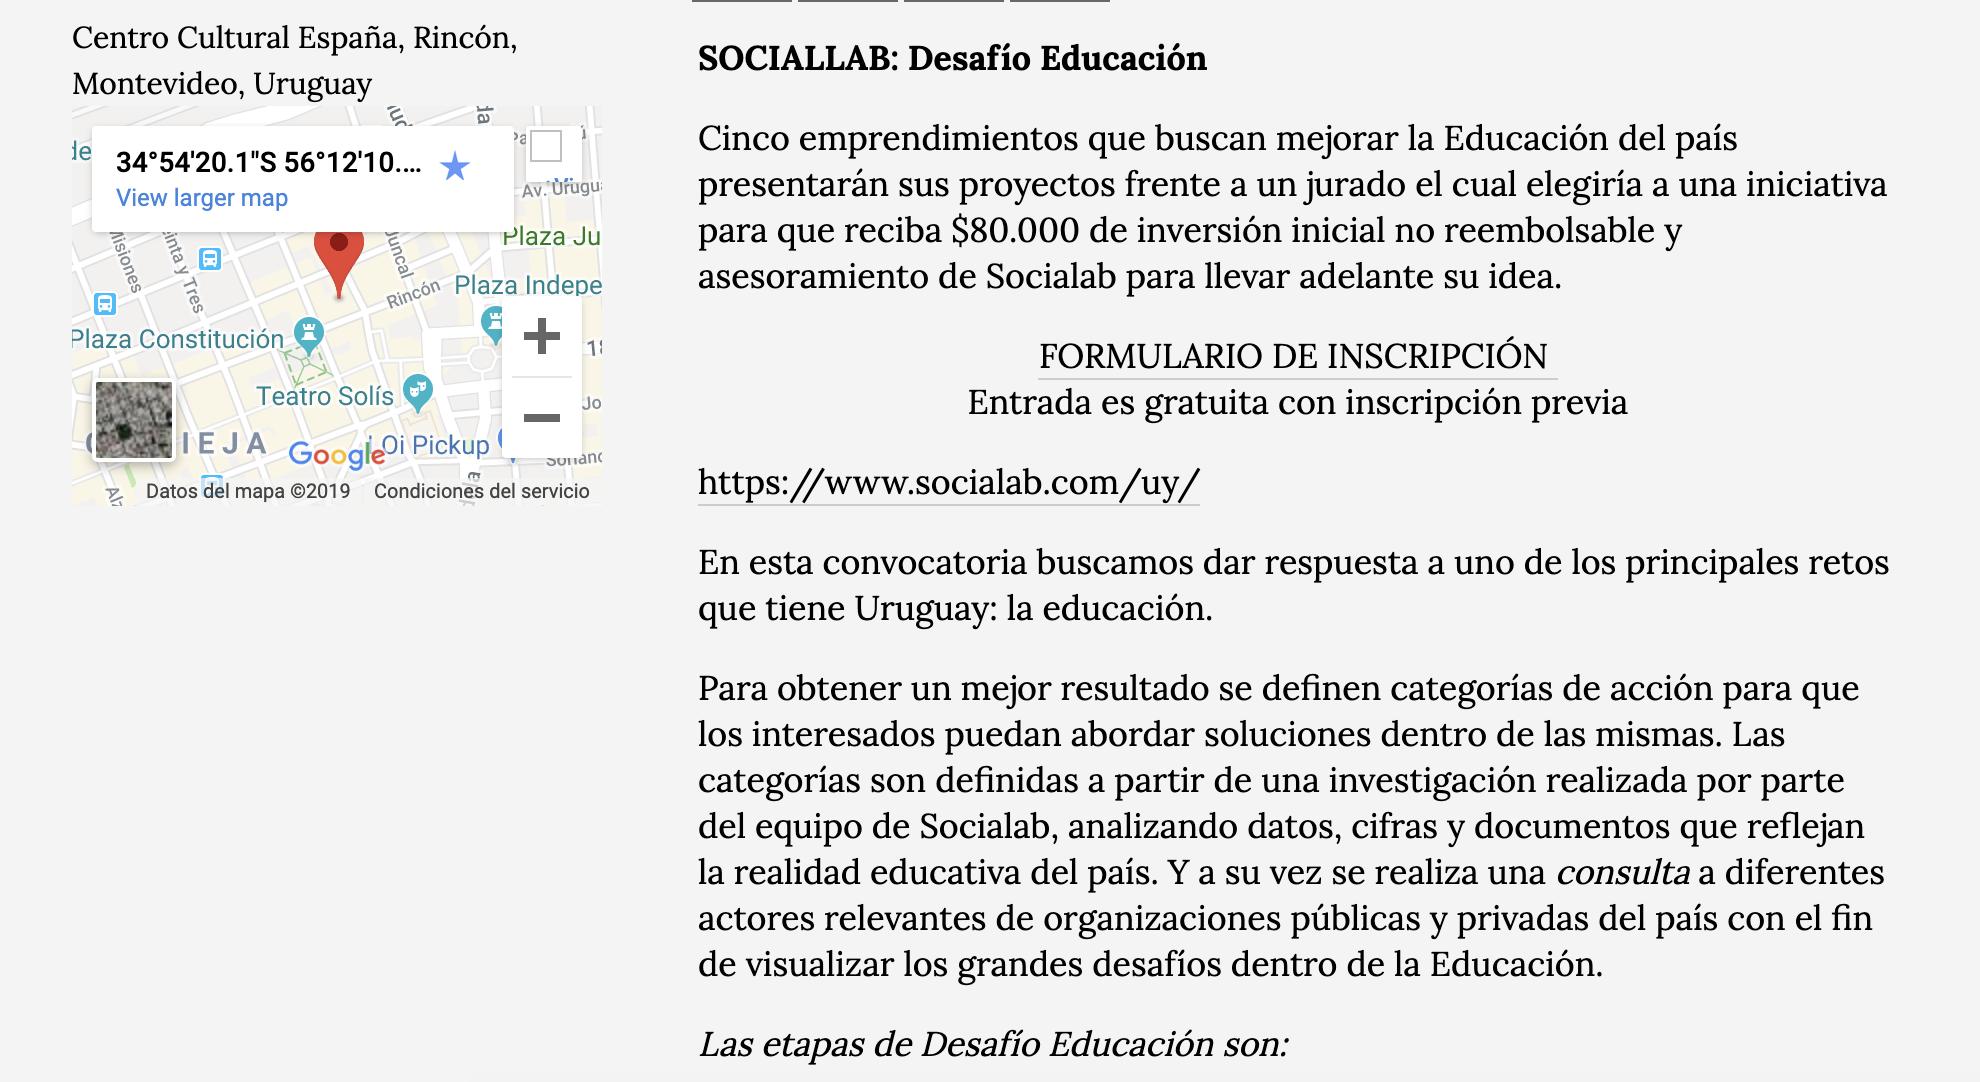 SOCIALAB: Desafío Educación -